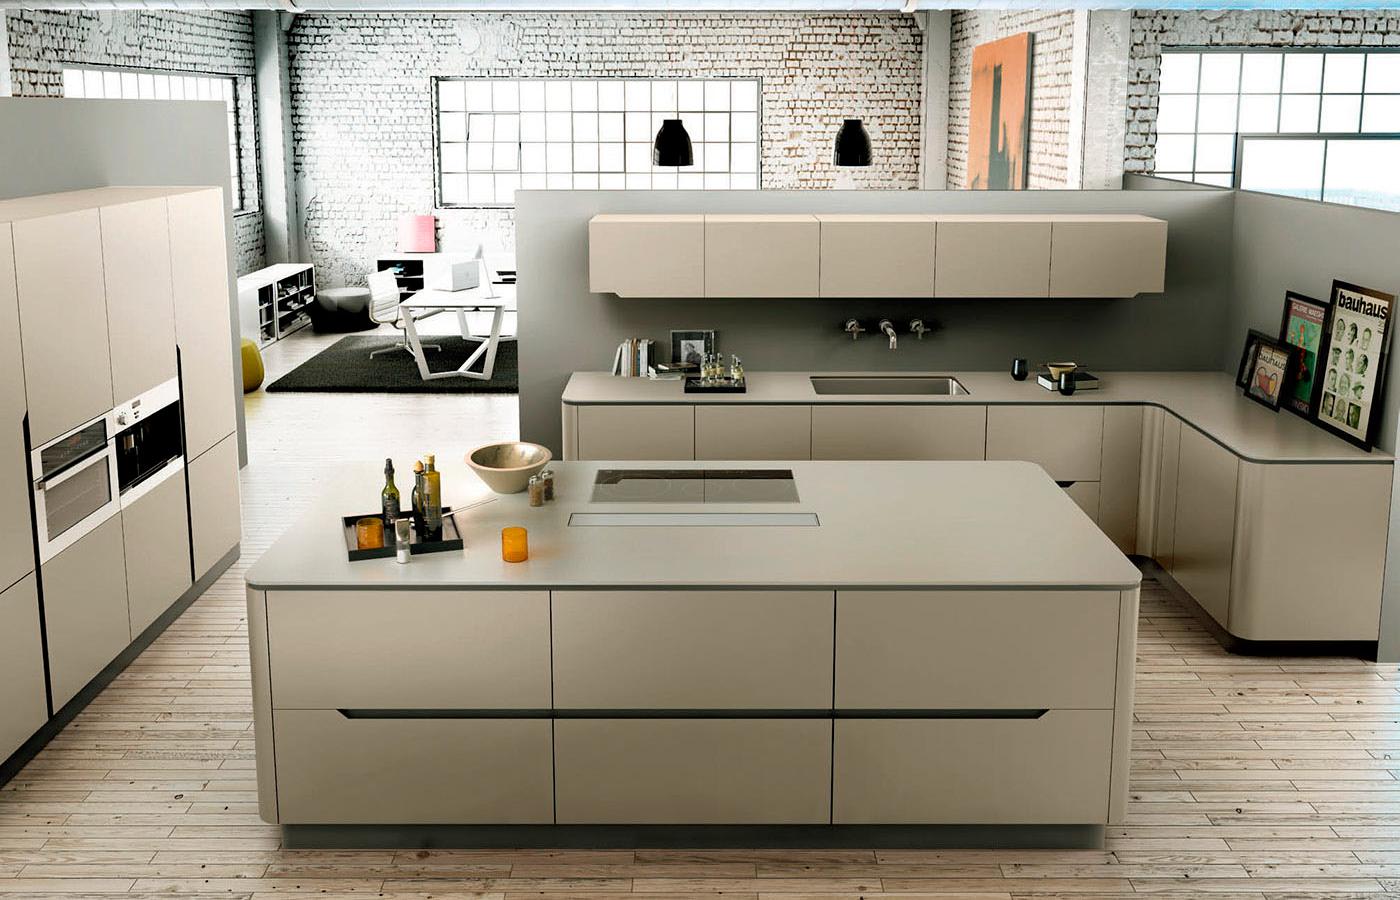 Dise o de cocinas en madrid tienda de cocinas en pozuelo - Fabrica cocinas madrid ...